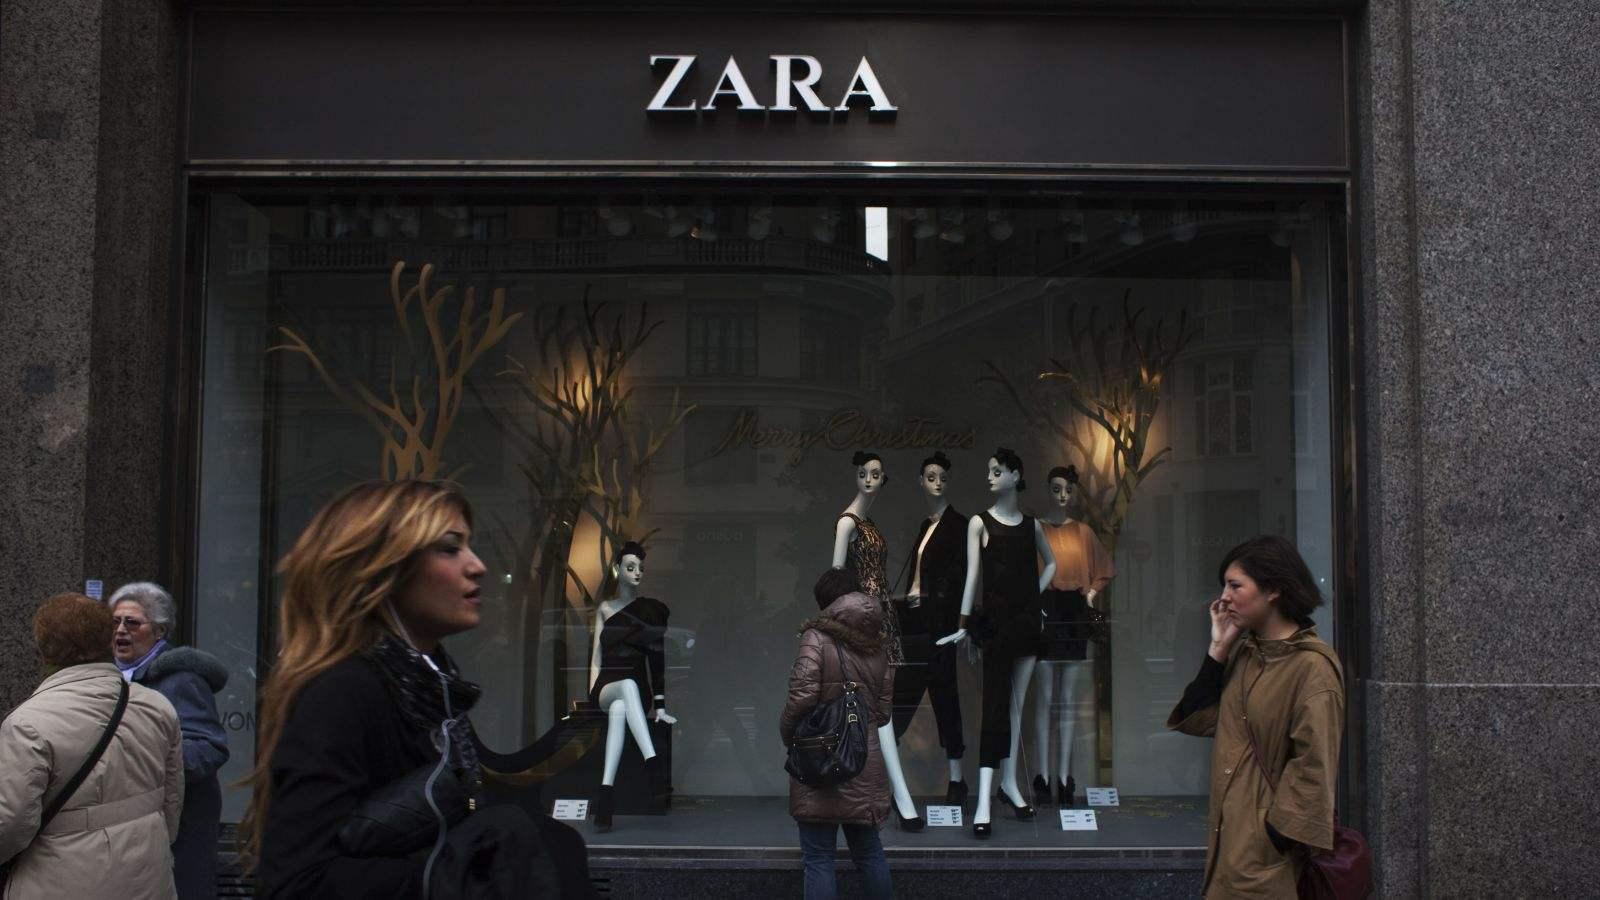 Zara仍在苦苦挣扎